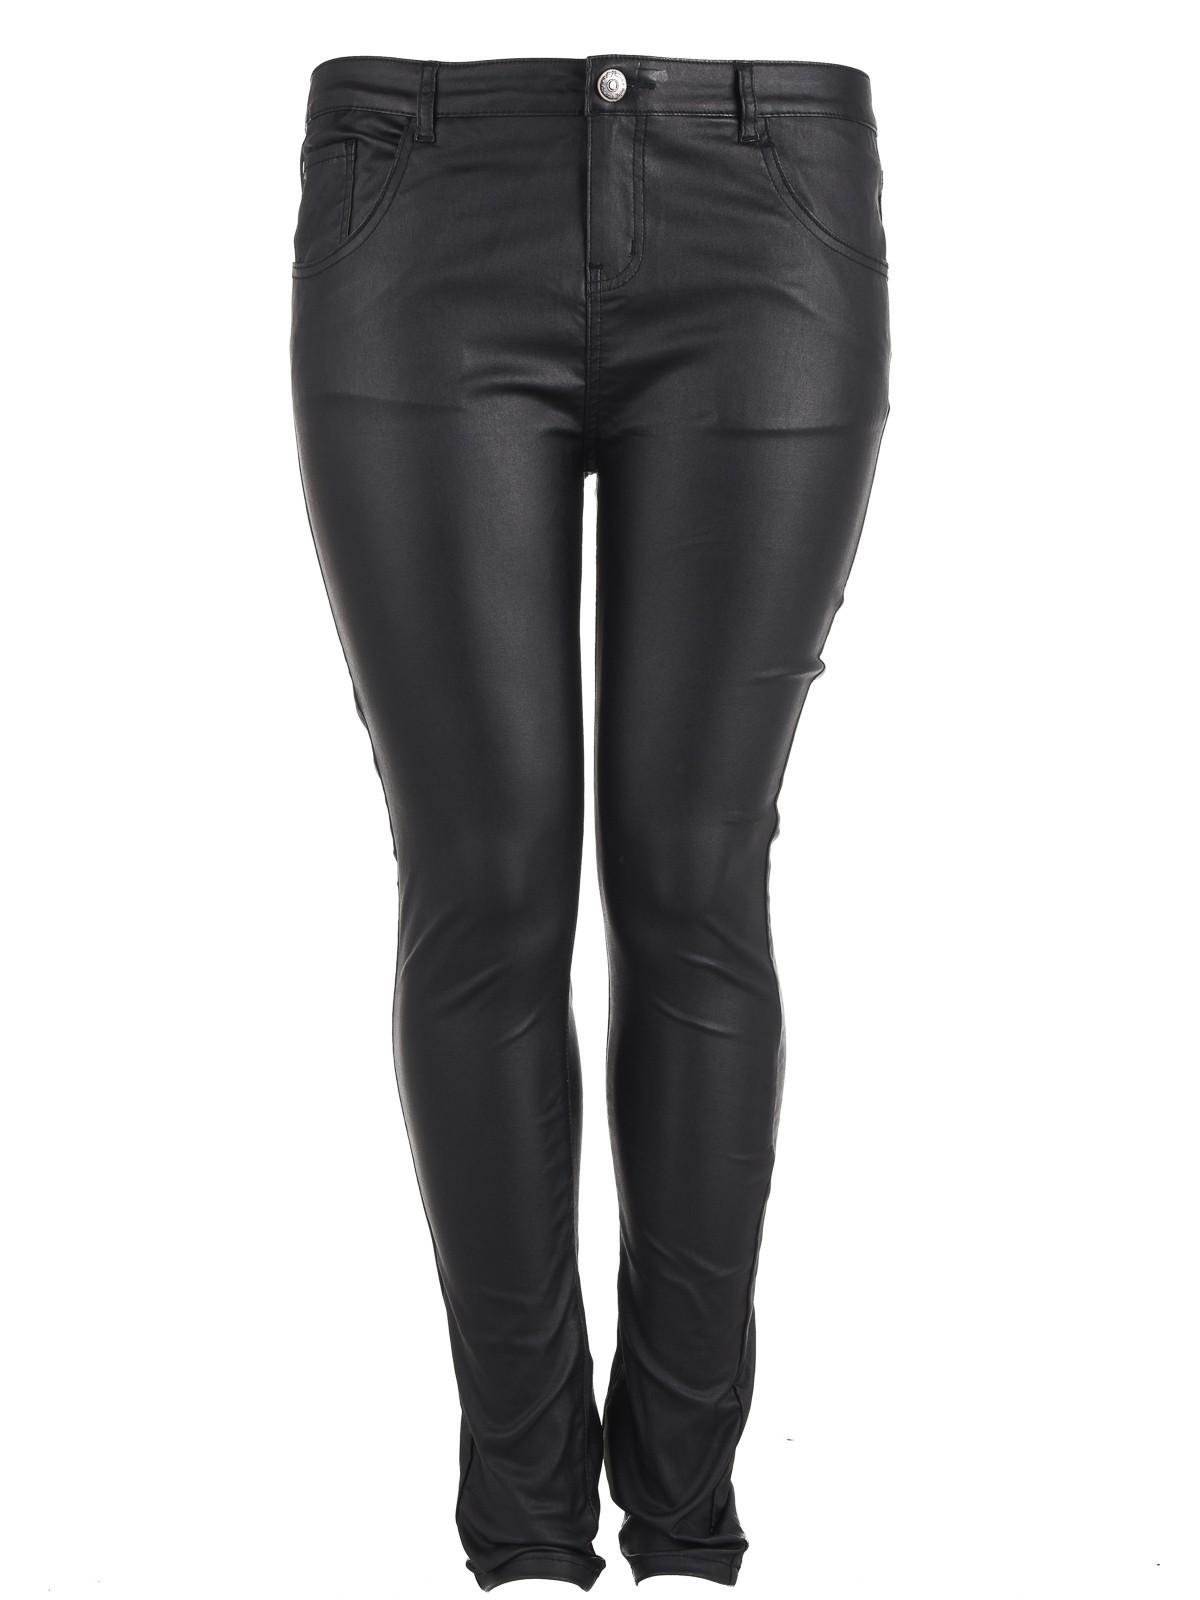 pantalon grande taille enduit noir femme districenter. Black Bedroom Furniture Sets. Home Design Ideas